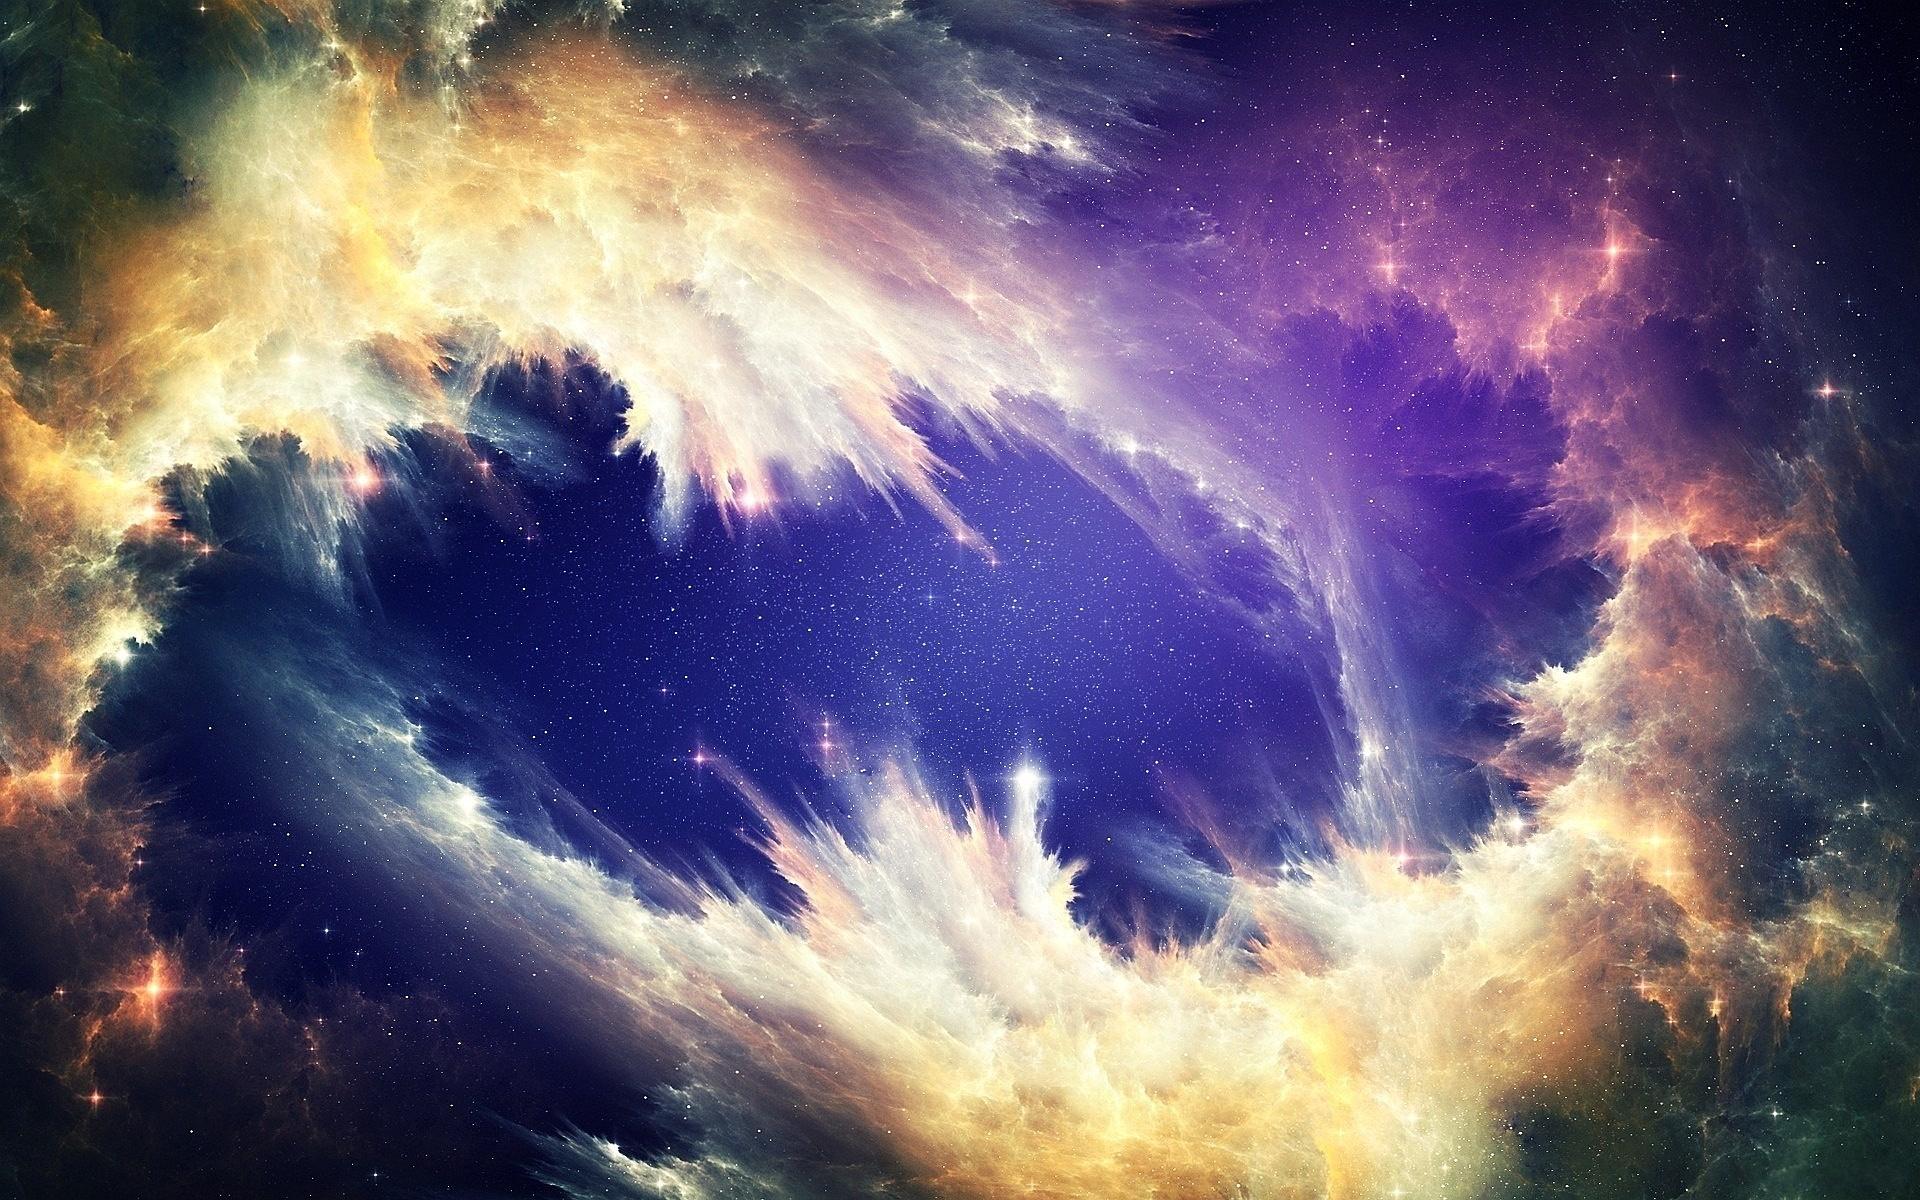 Nebula Clouds